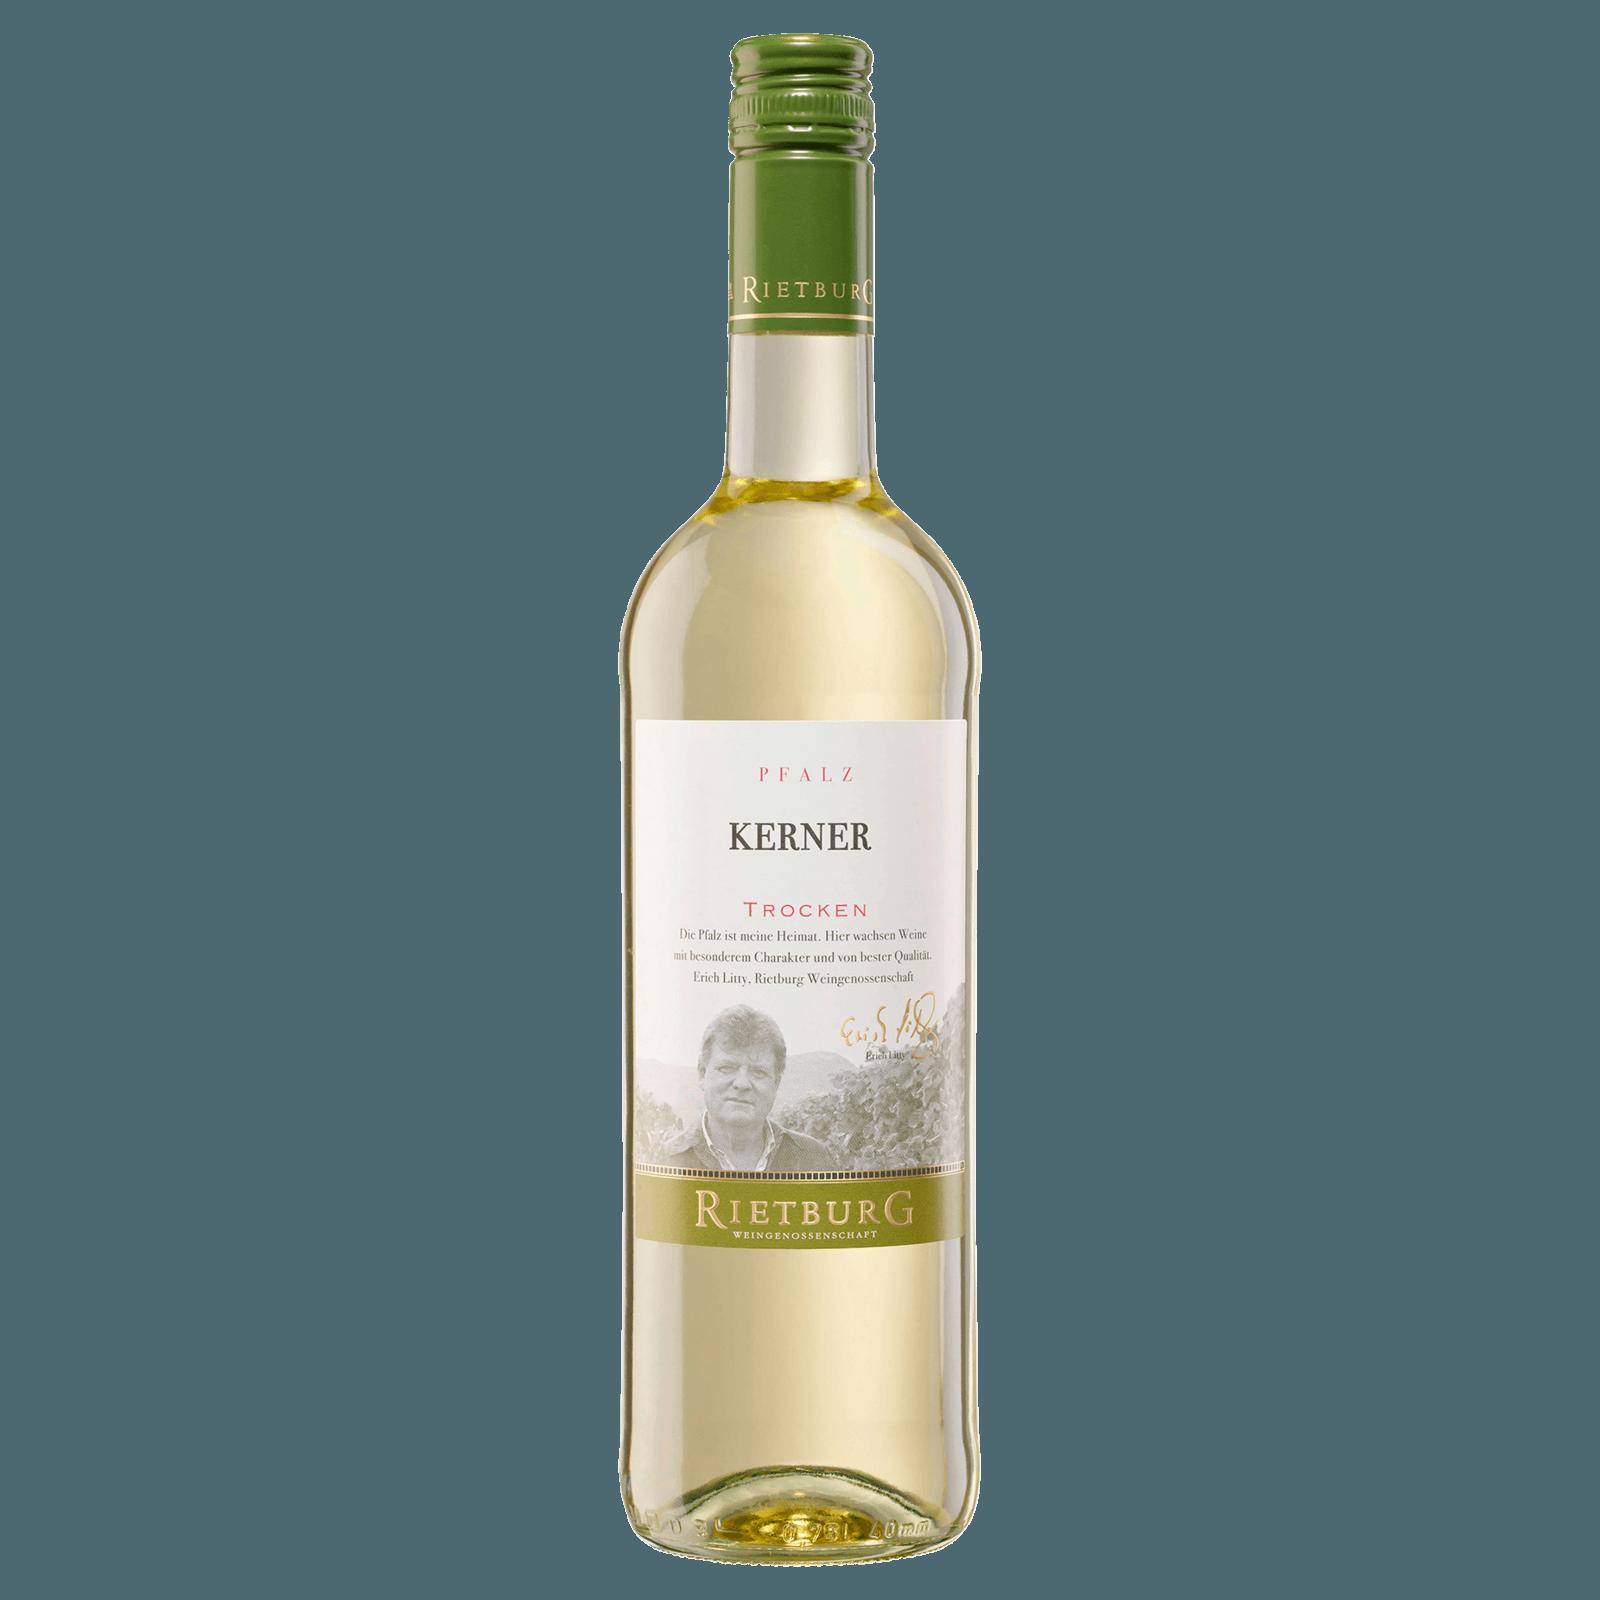 Rietburg Weißwein Kerner trocken 0,75l